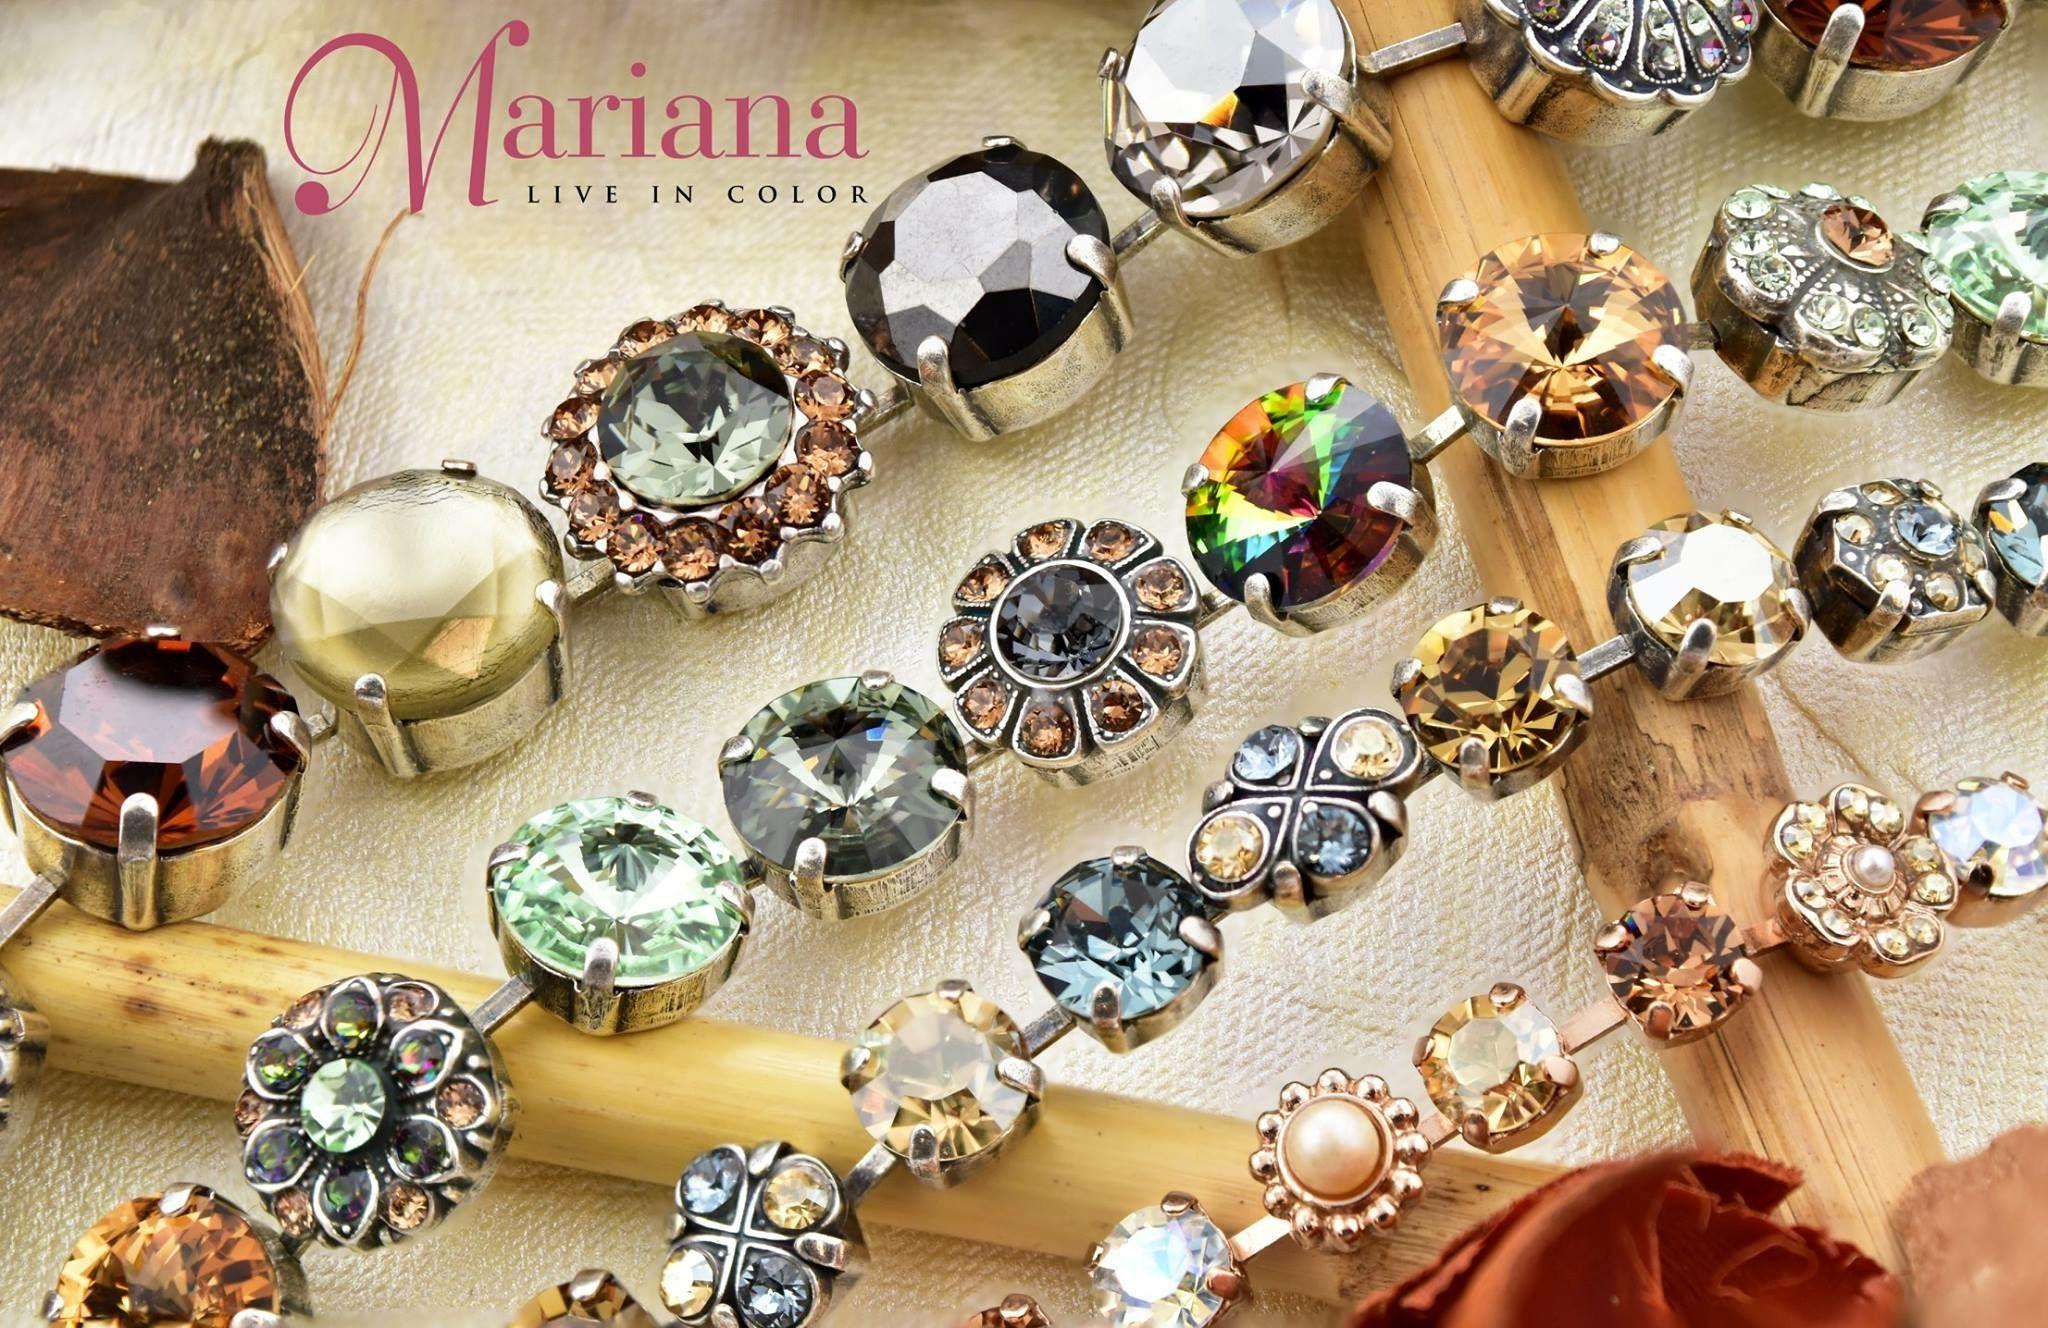 31+ Where to buy mariana jewelry viral